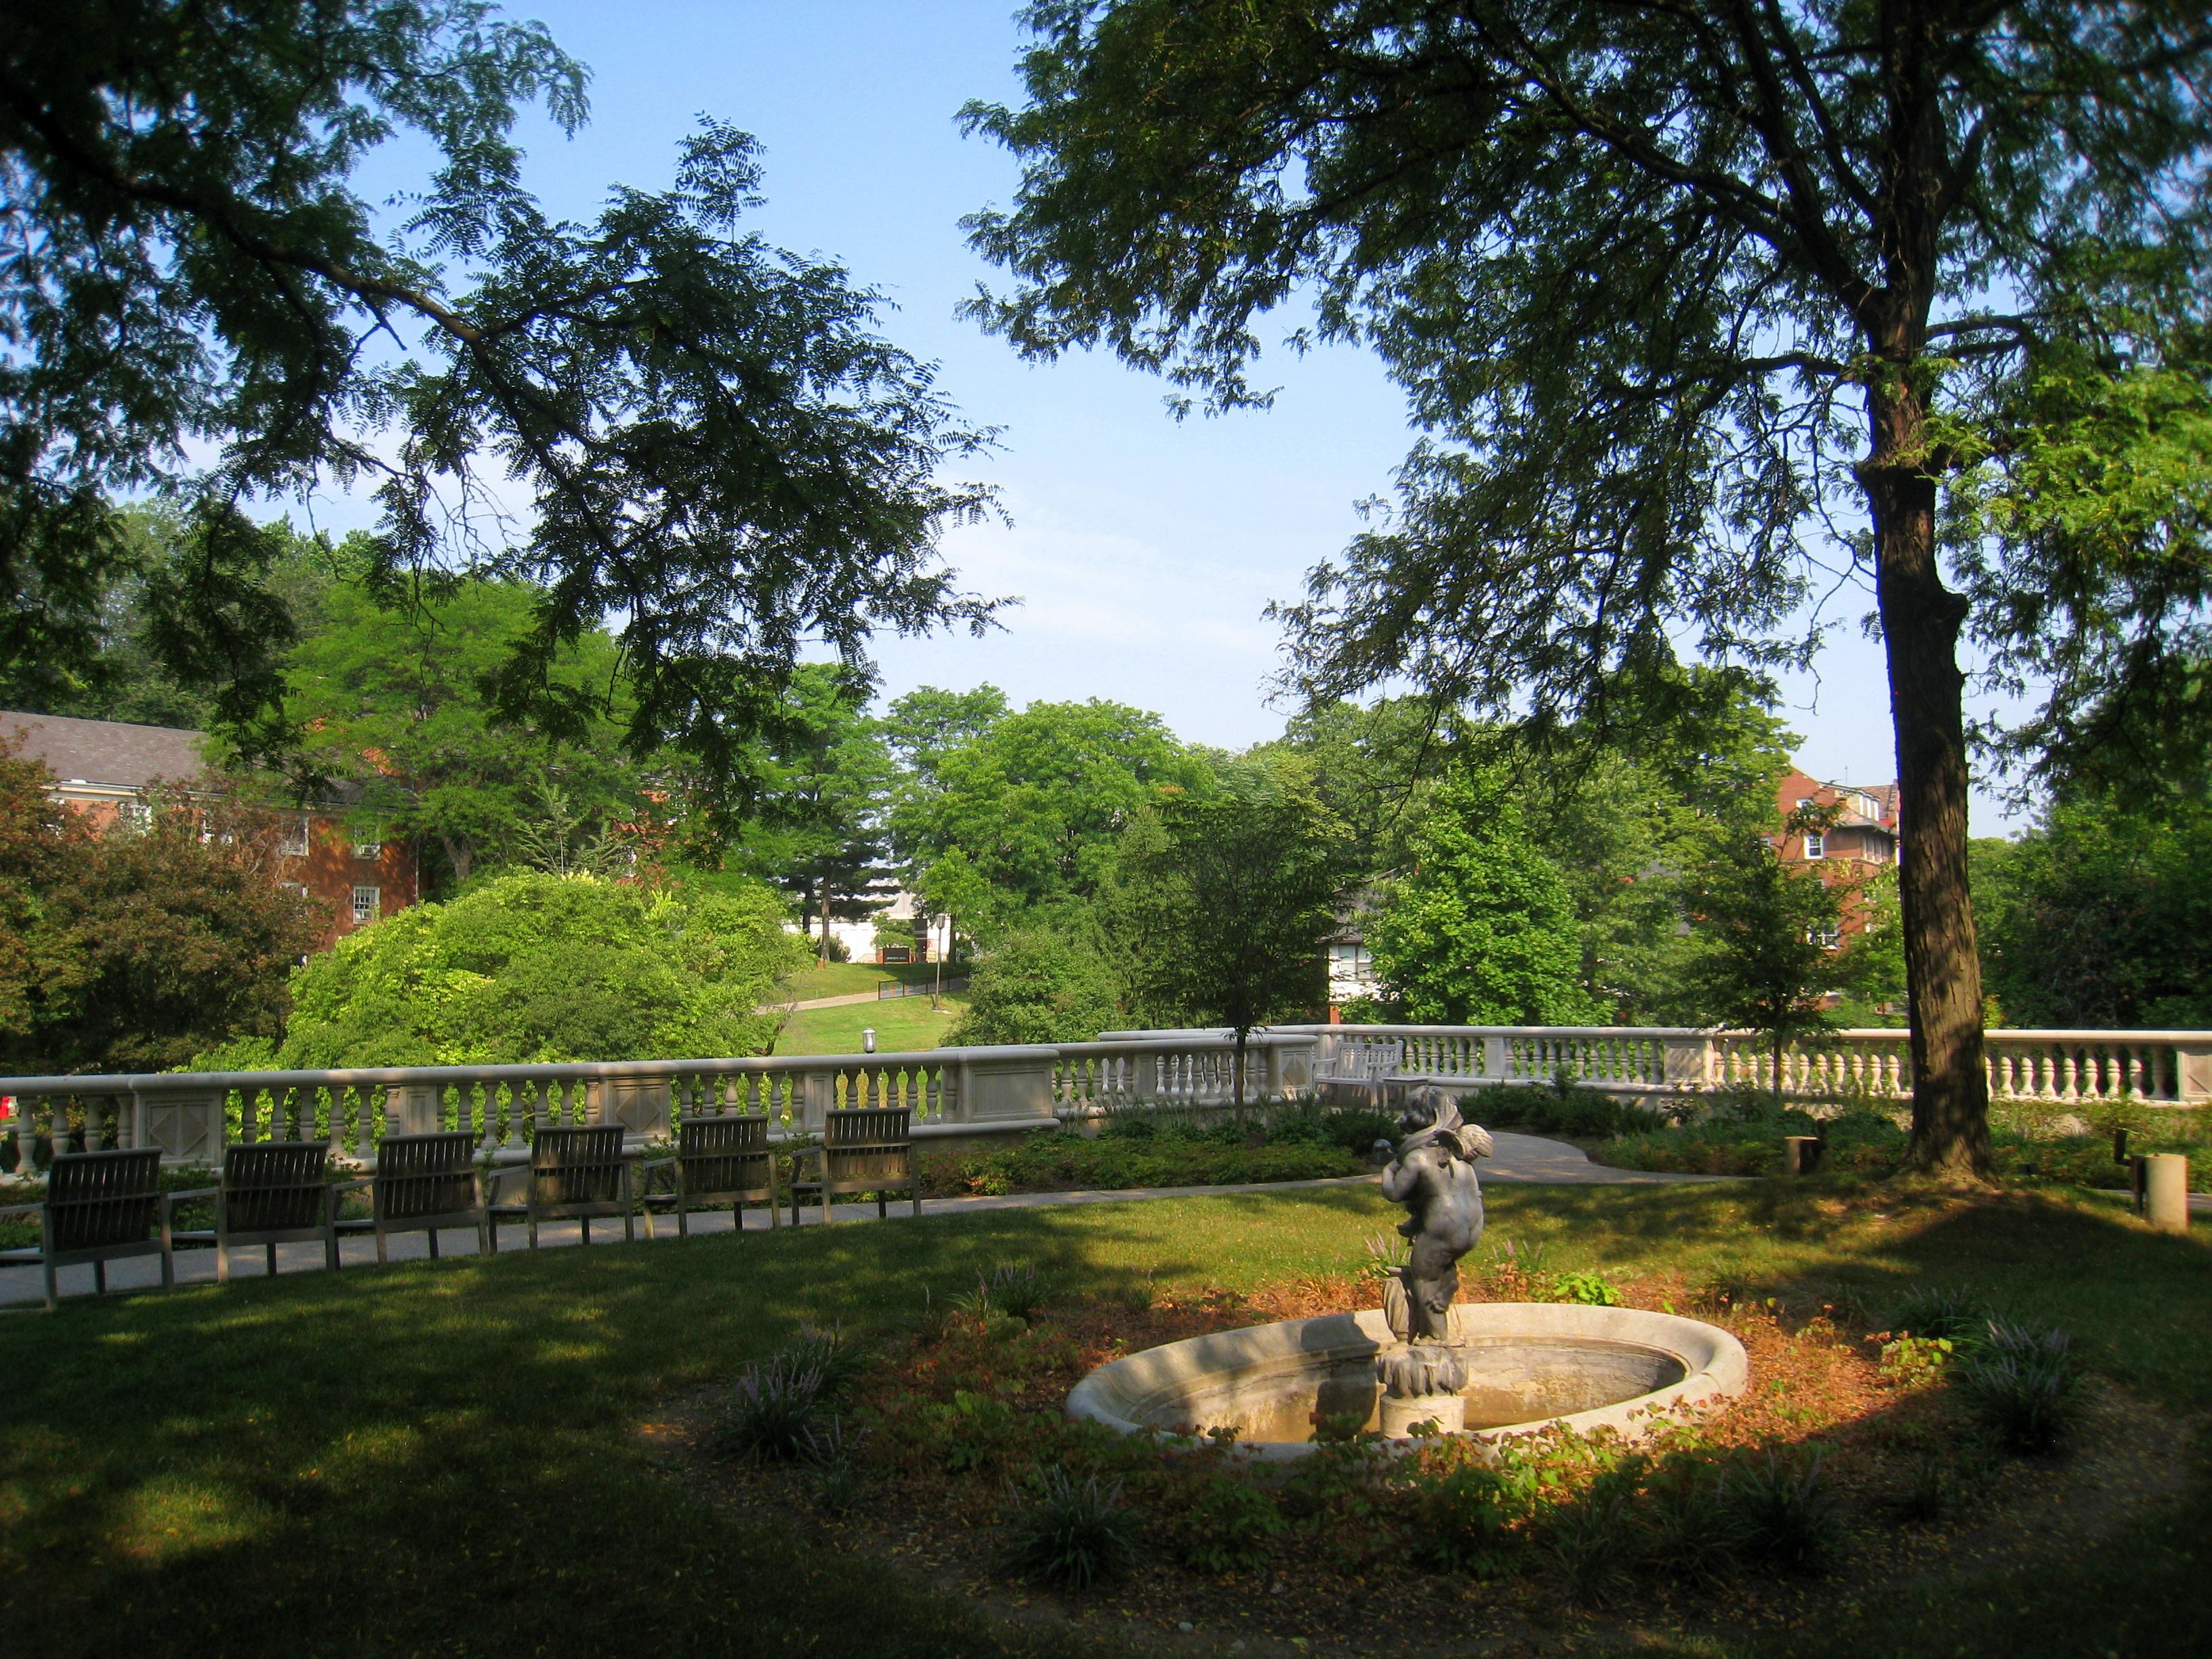 image of Chatham University